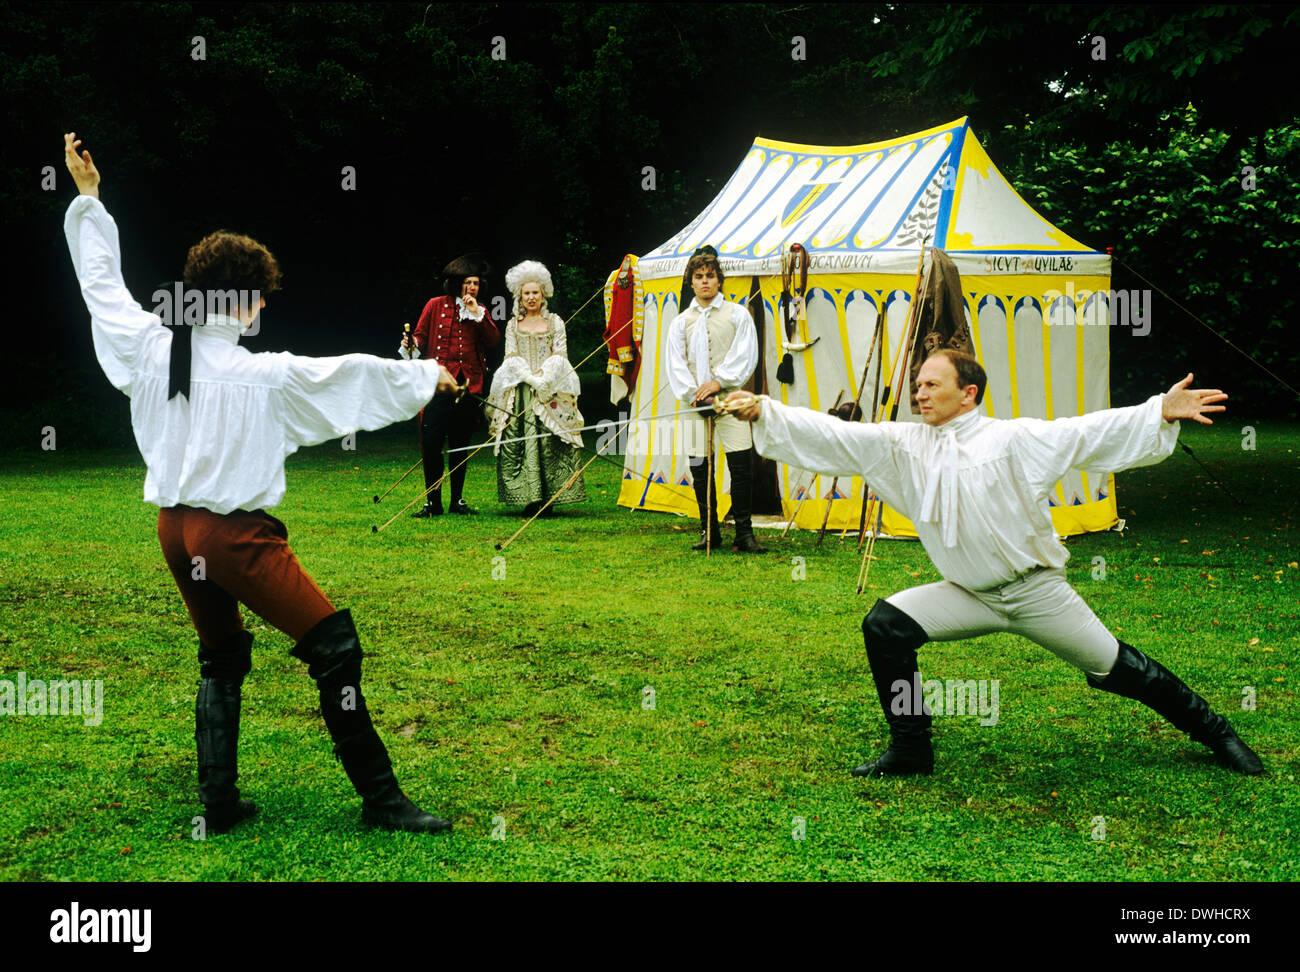 English Regency Período Duellists, a comienzos del siglo XIX, la recreación histórica, duelo con espadas Inglaterra duelist duelistas Imagen De Stock